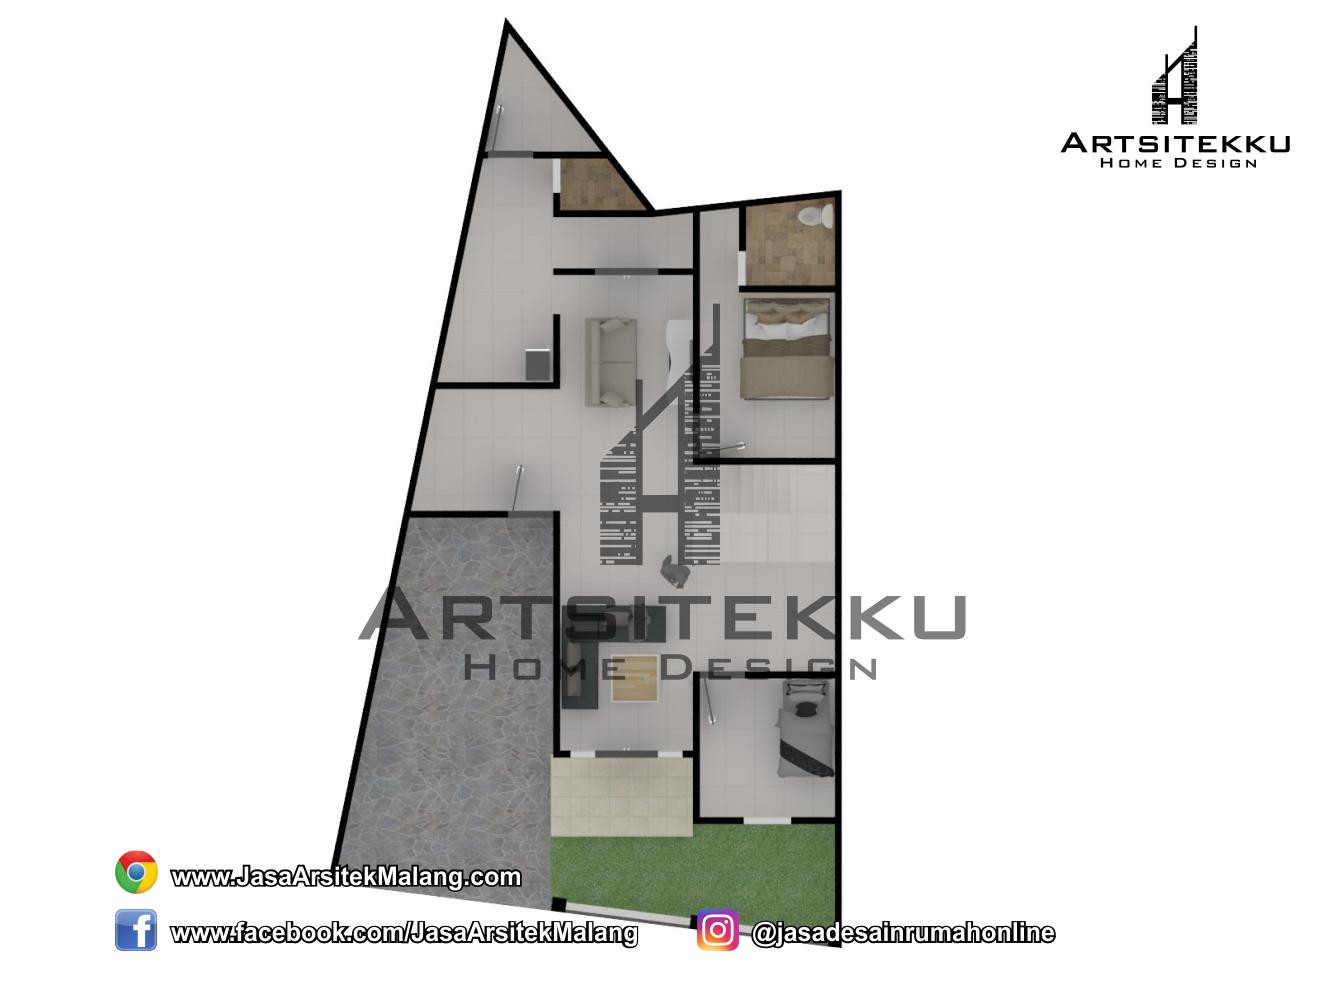 Jasa Arsitek Rumah Minimalis Jasa Desain Rumah Minimalis Jasa Desain Rumah Minimalis Modern